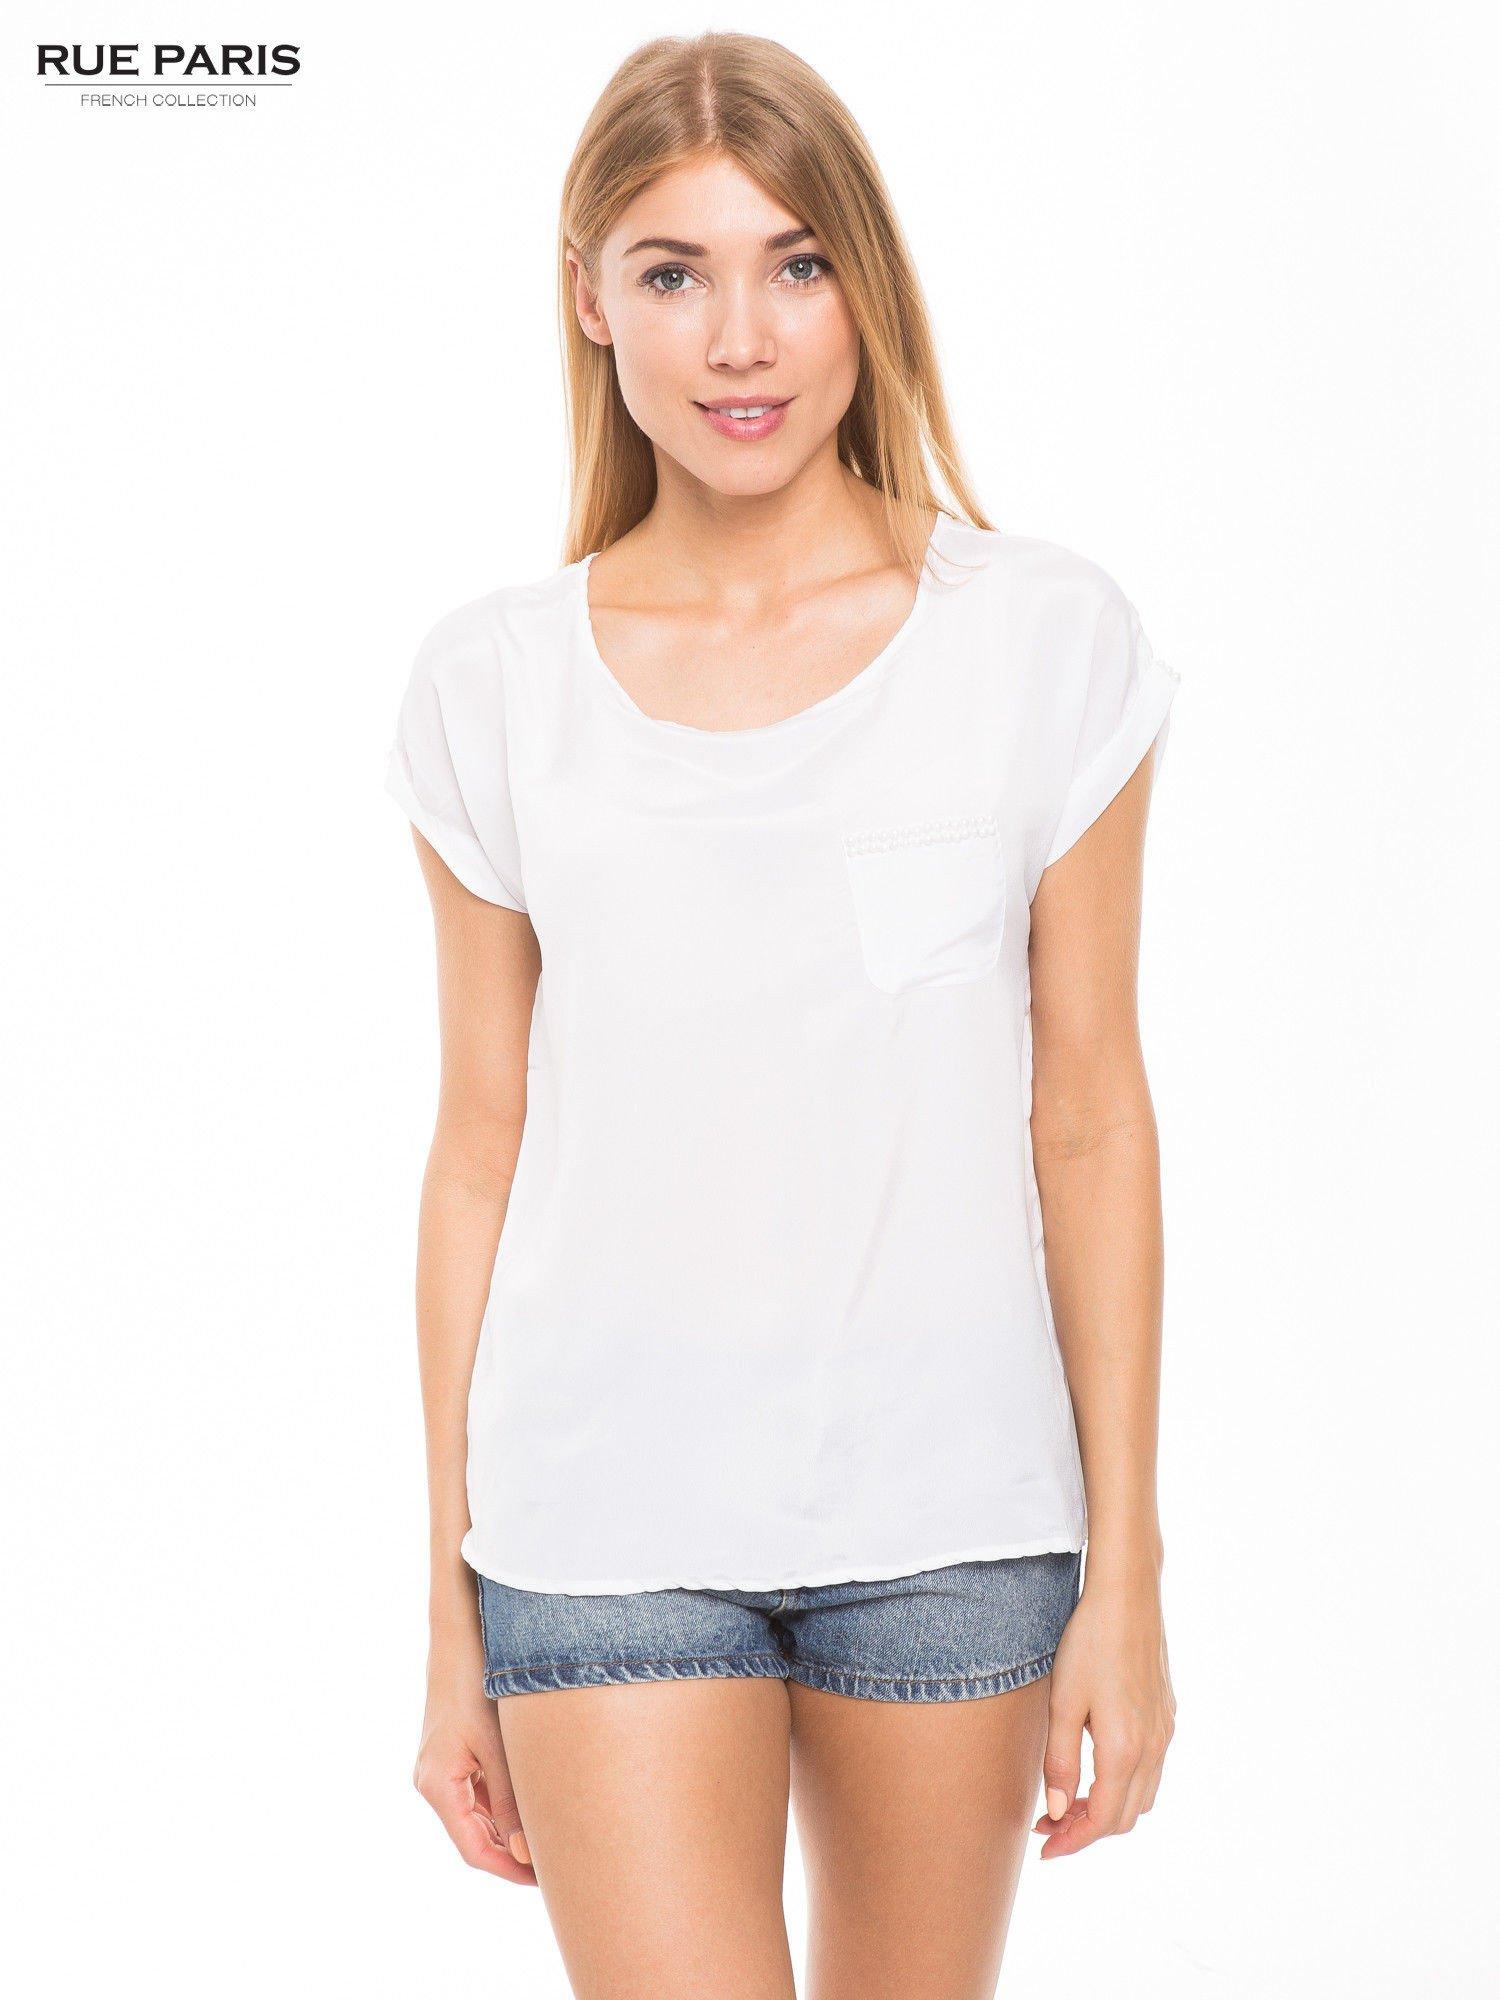 Biała zwiewna koszula z kieszonką obszytą perłami                                  zdj.                                  1